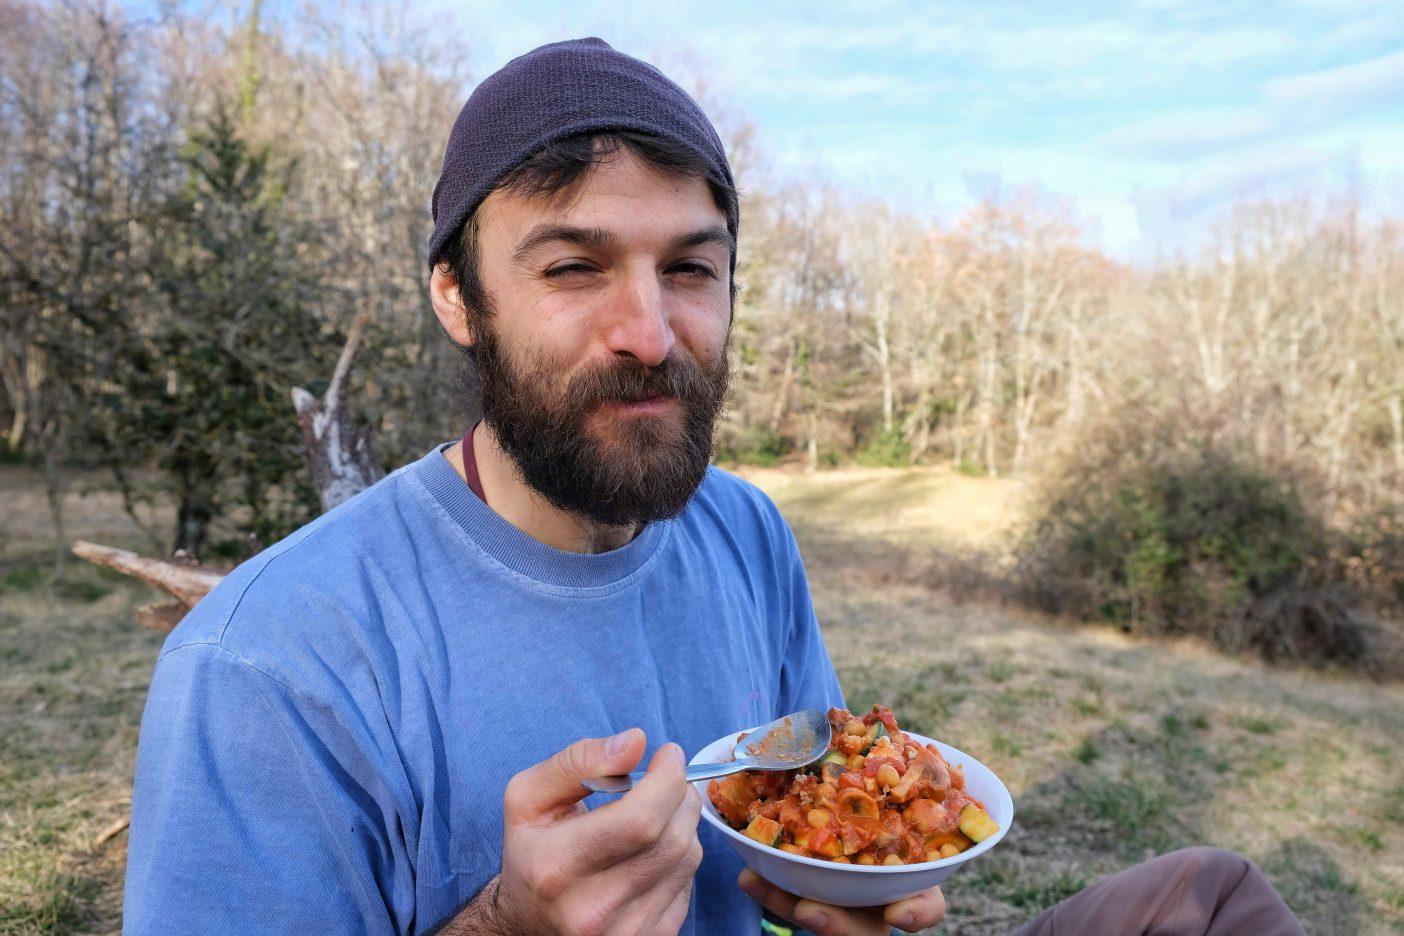 Vegan camping dinners